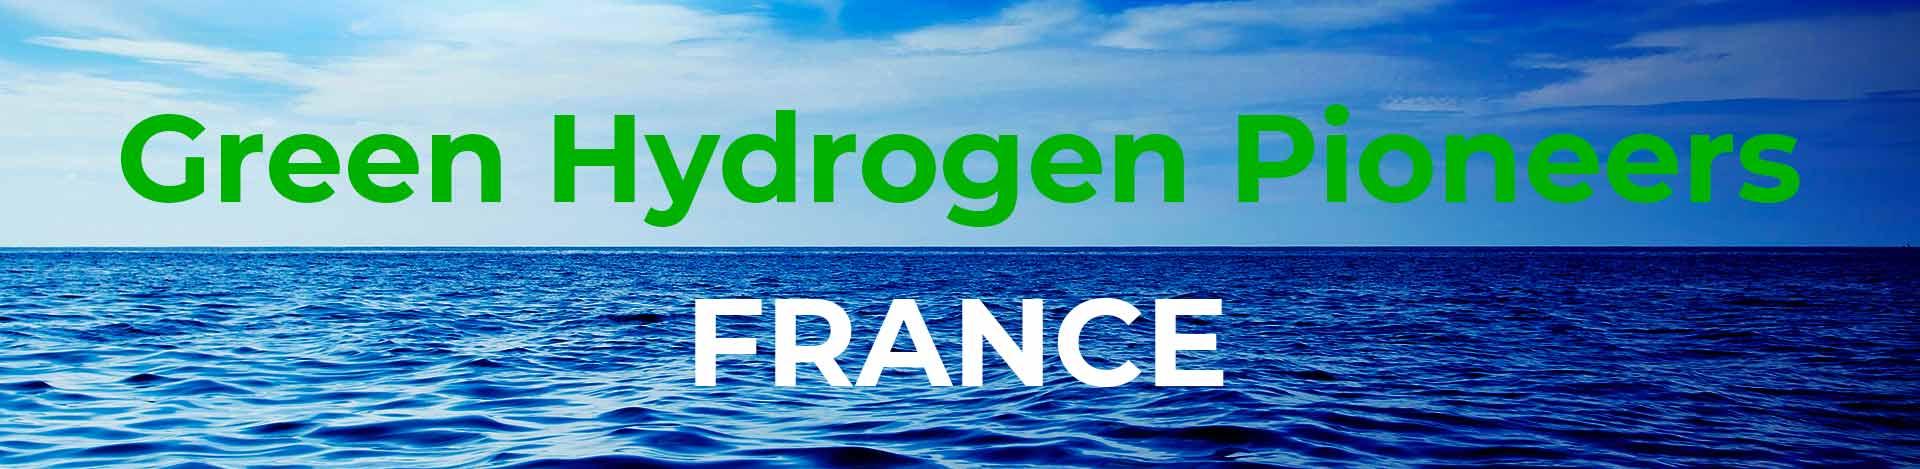 Green Hydrogen Pioneers France